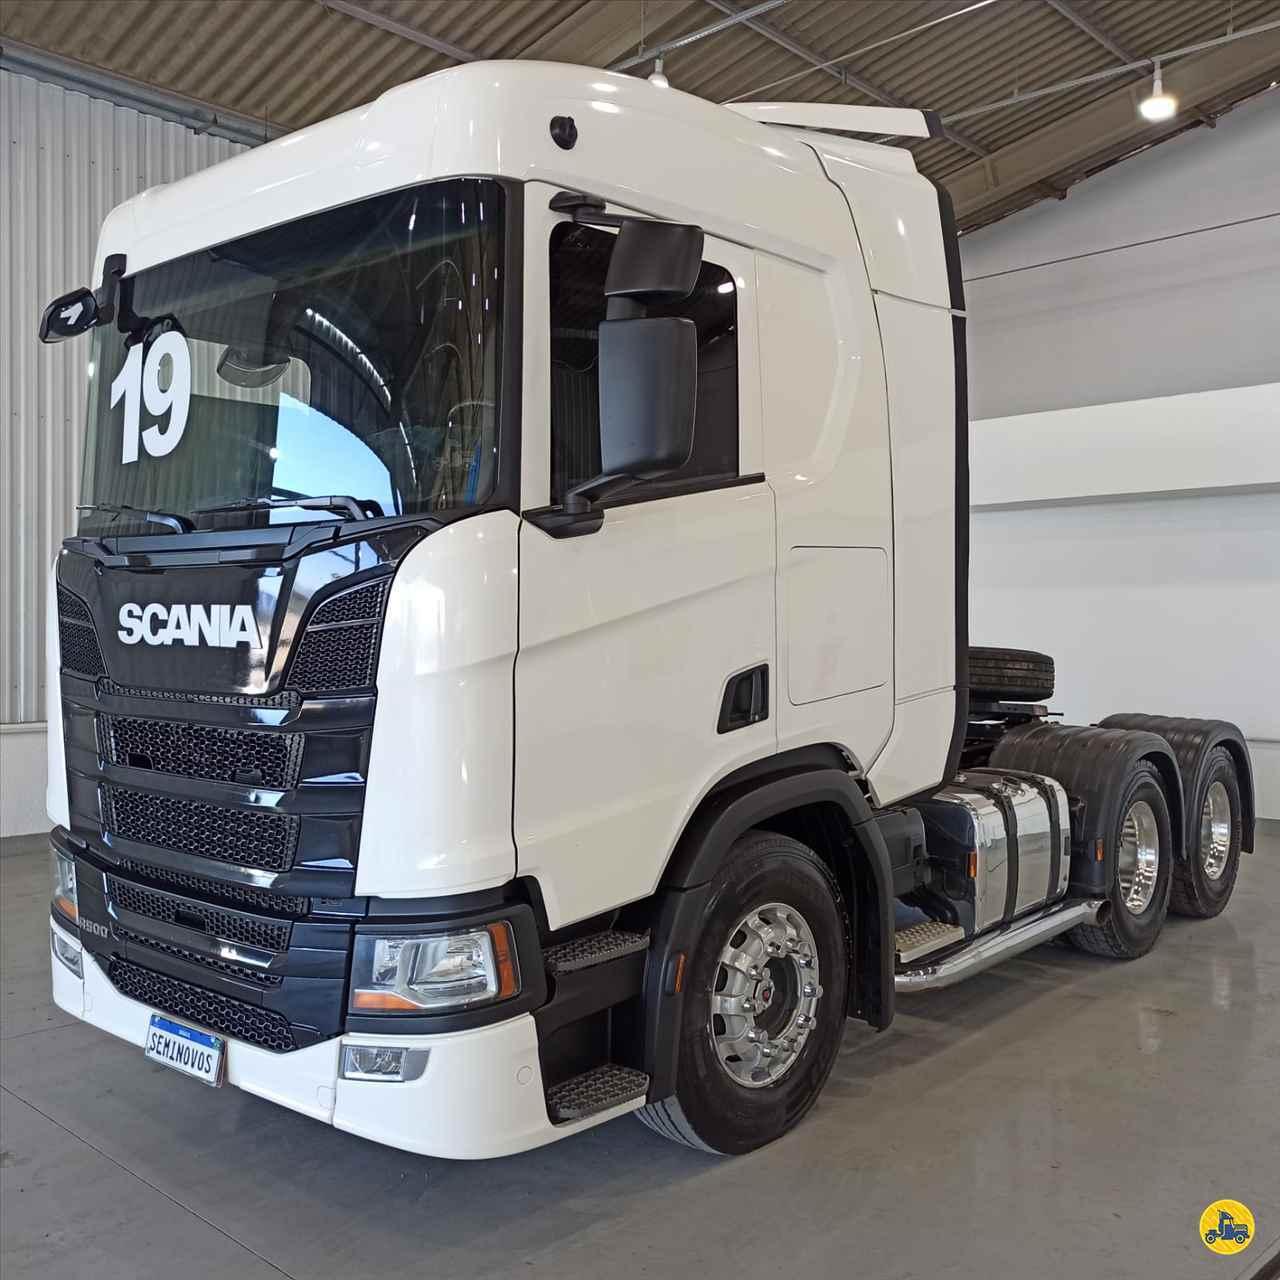 SCANIA 500 de Scania Seminovos - SAO JOSE DOS PINHAIS/PR